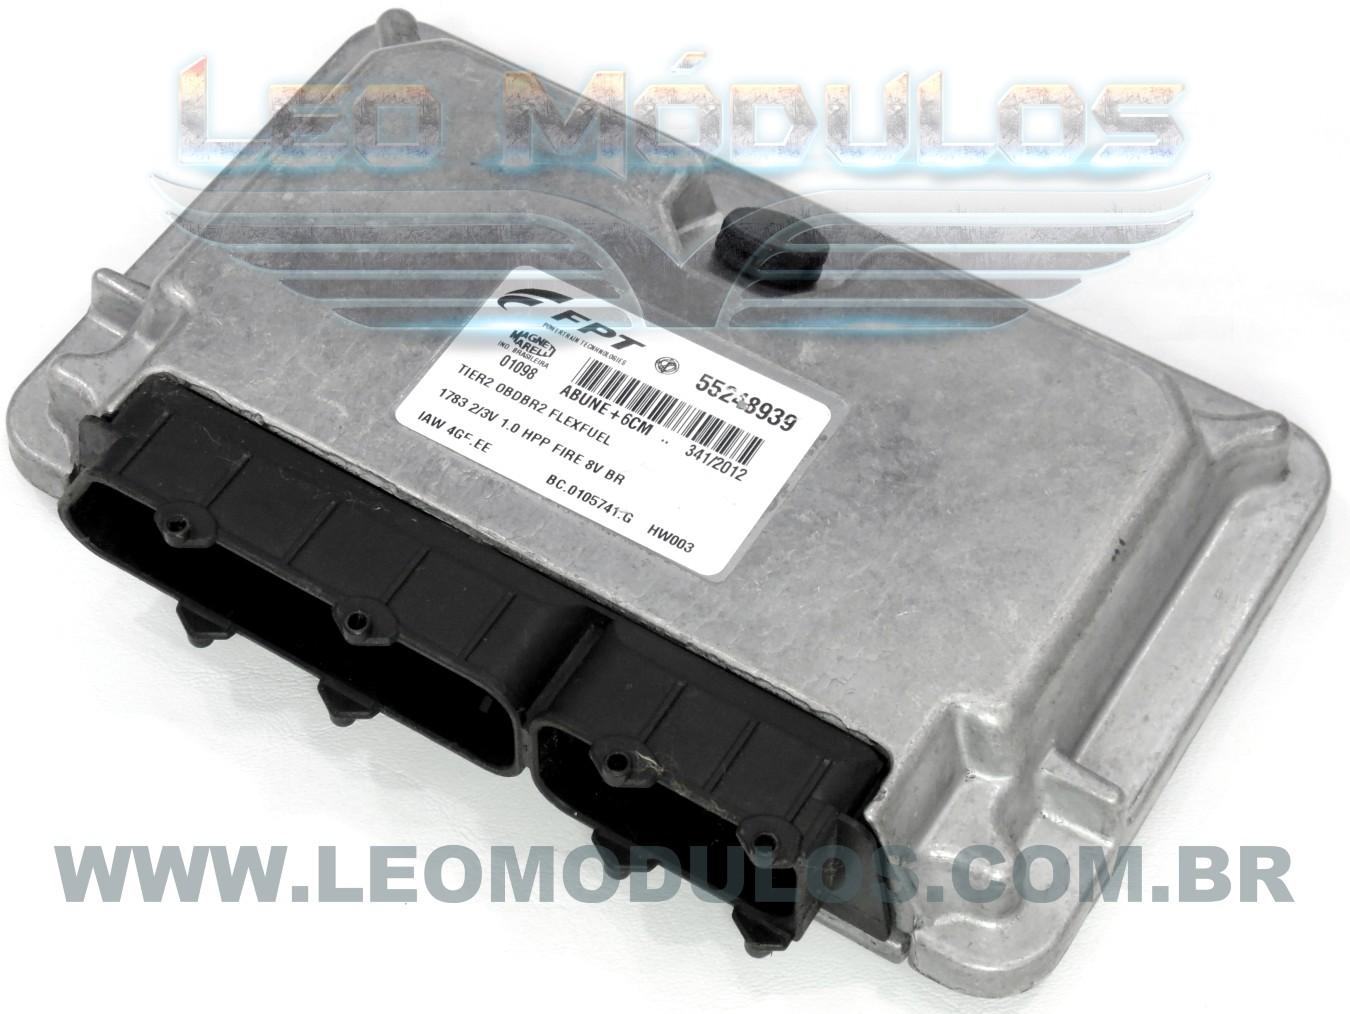 Módulo de injeção marelli - IAW 4GF.EE - 55248939 - Fiat Palio Siena 1.0 8V Flex - BC.0105741.G IAW 4GFEE - Leo Módulos